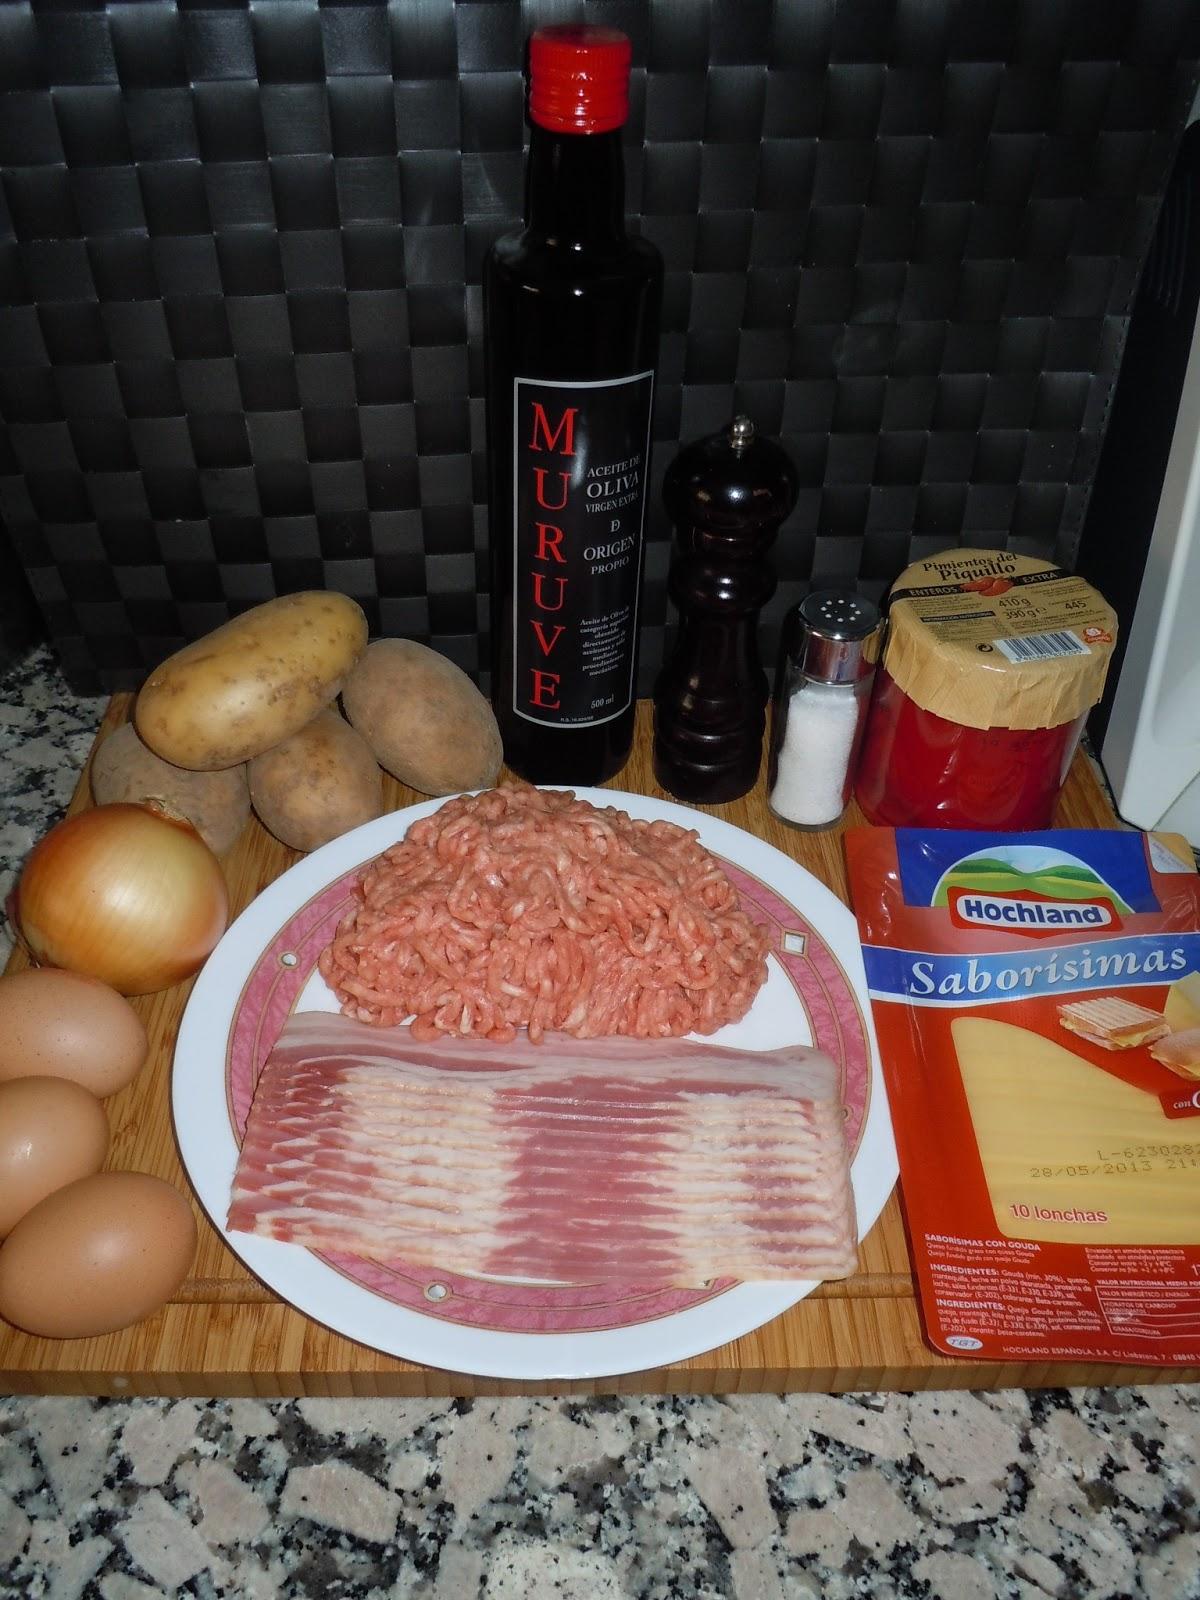 El blog de debora mis recetas del dia a dia 6 de marzo de 2013 - Bizcocho microondas isasaweis ...